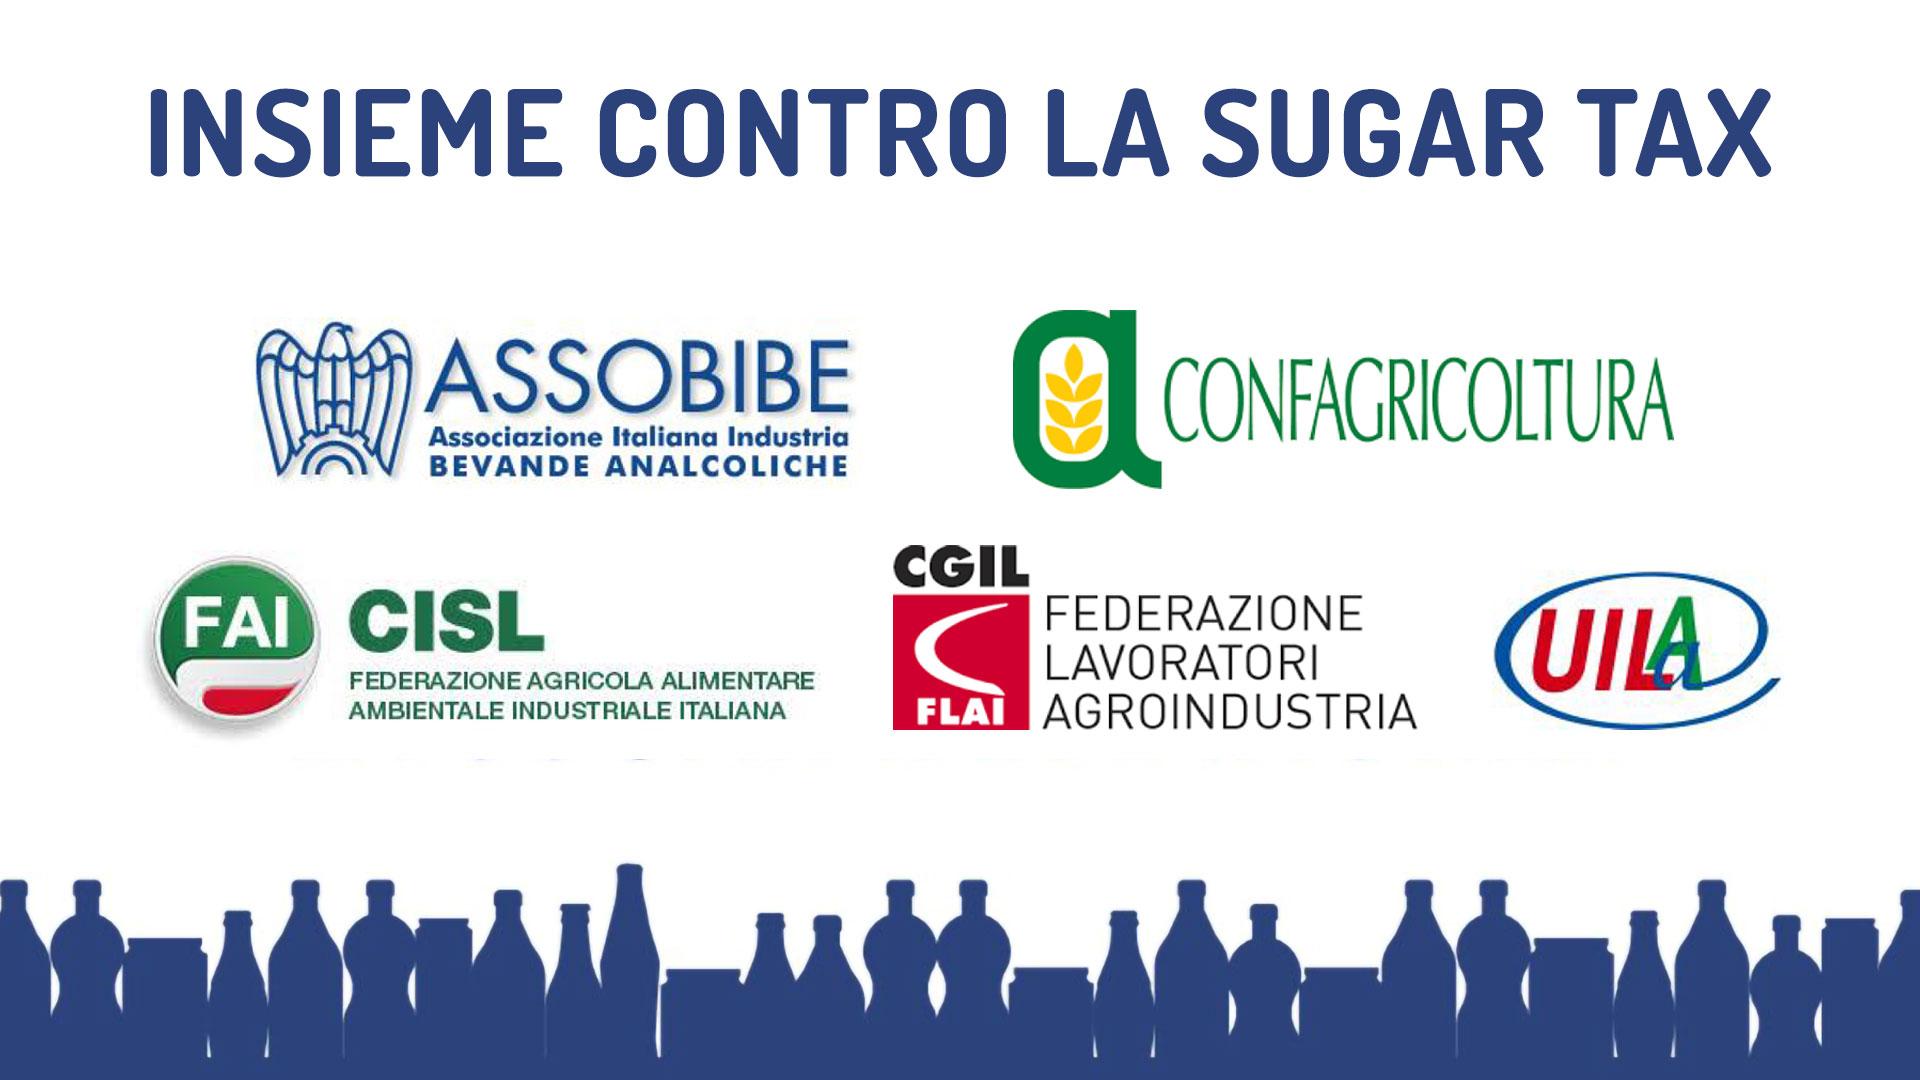 Insieme contro la Sugar Tax